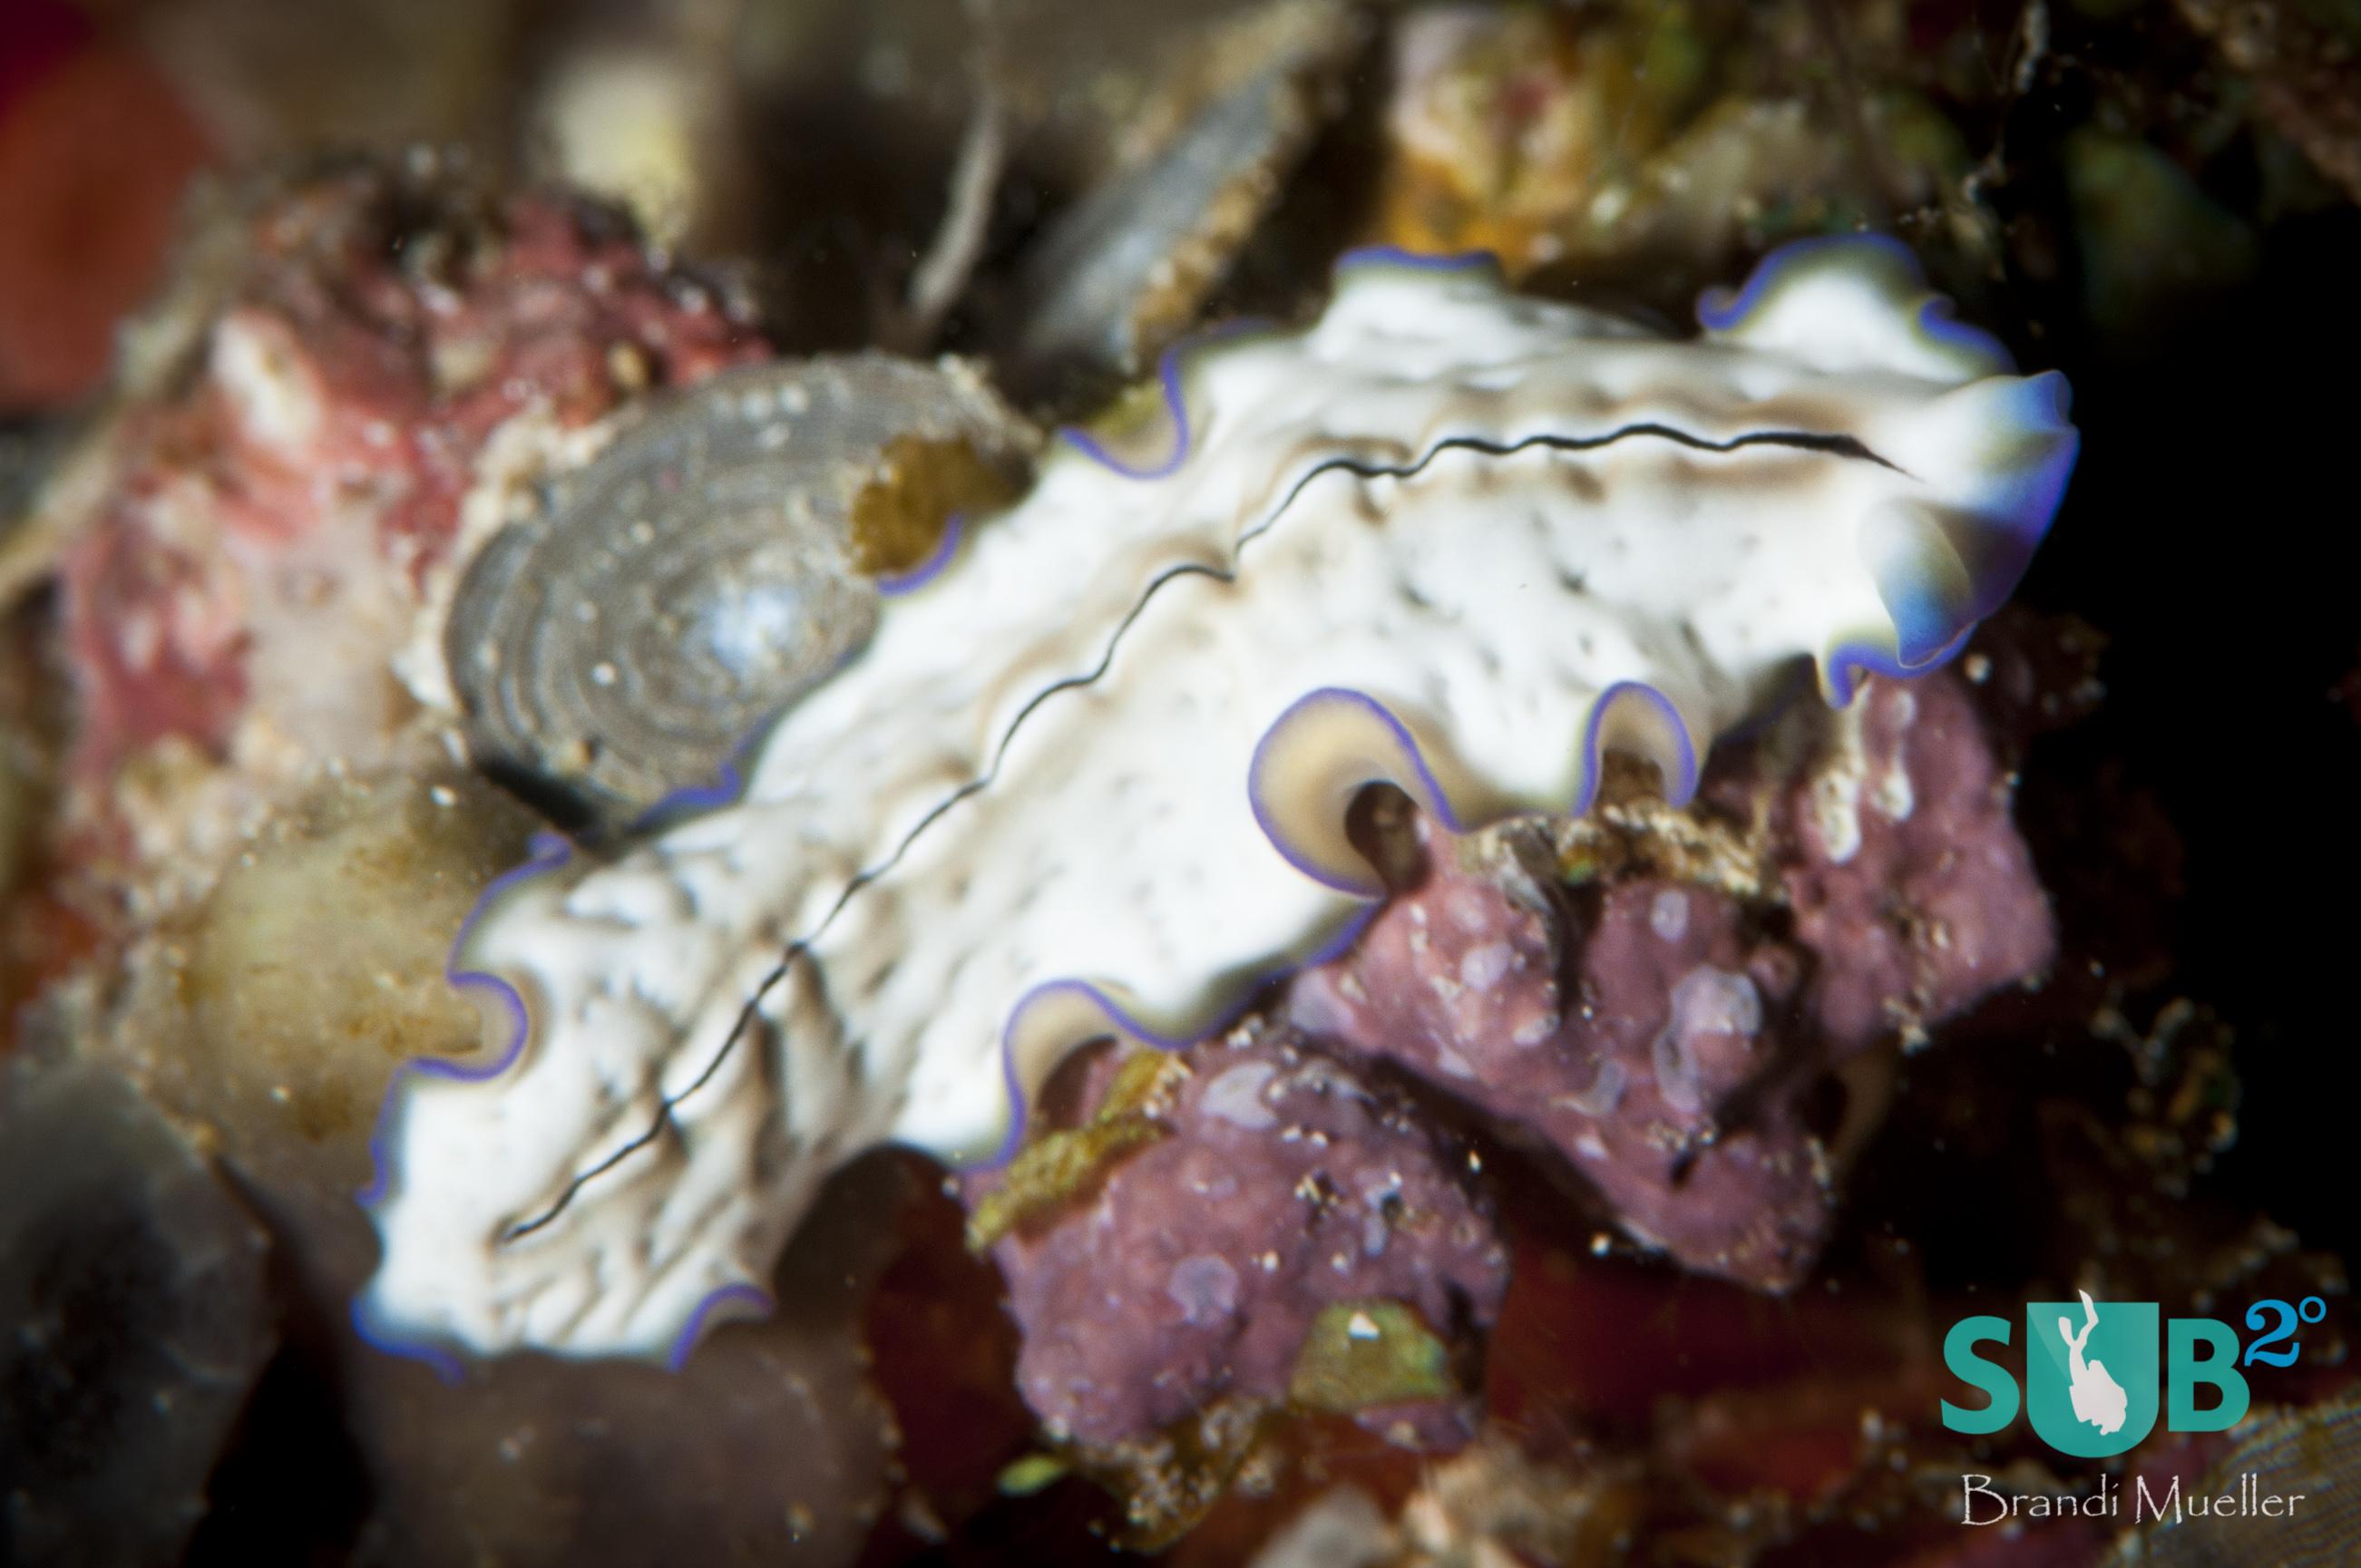 Pseudoceros Monostichos